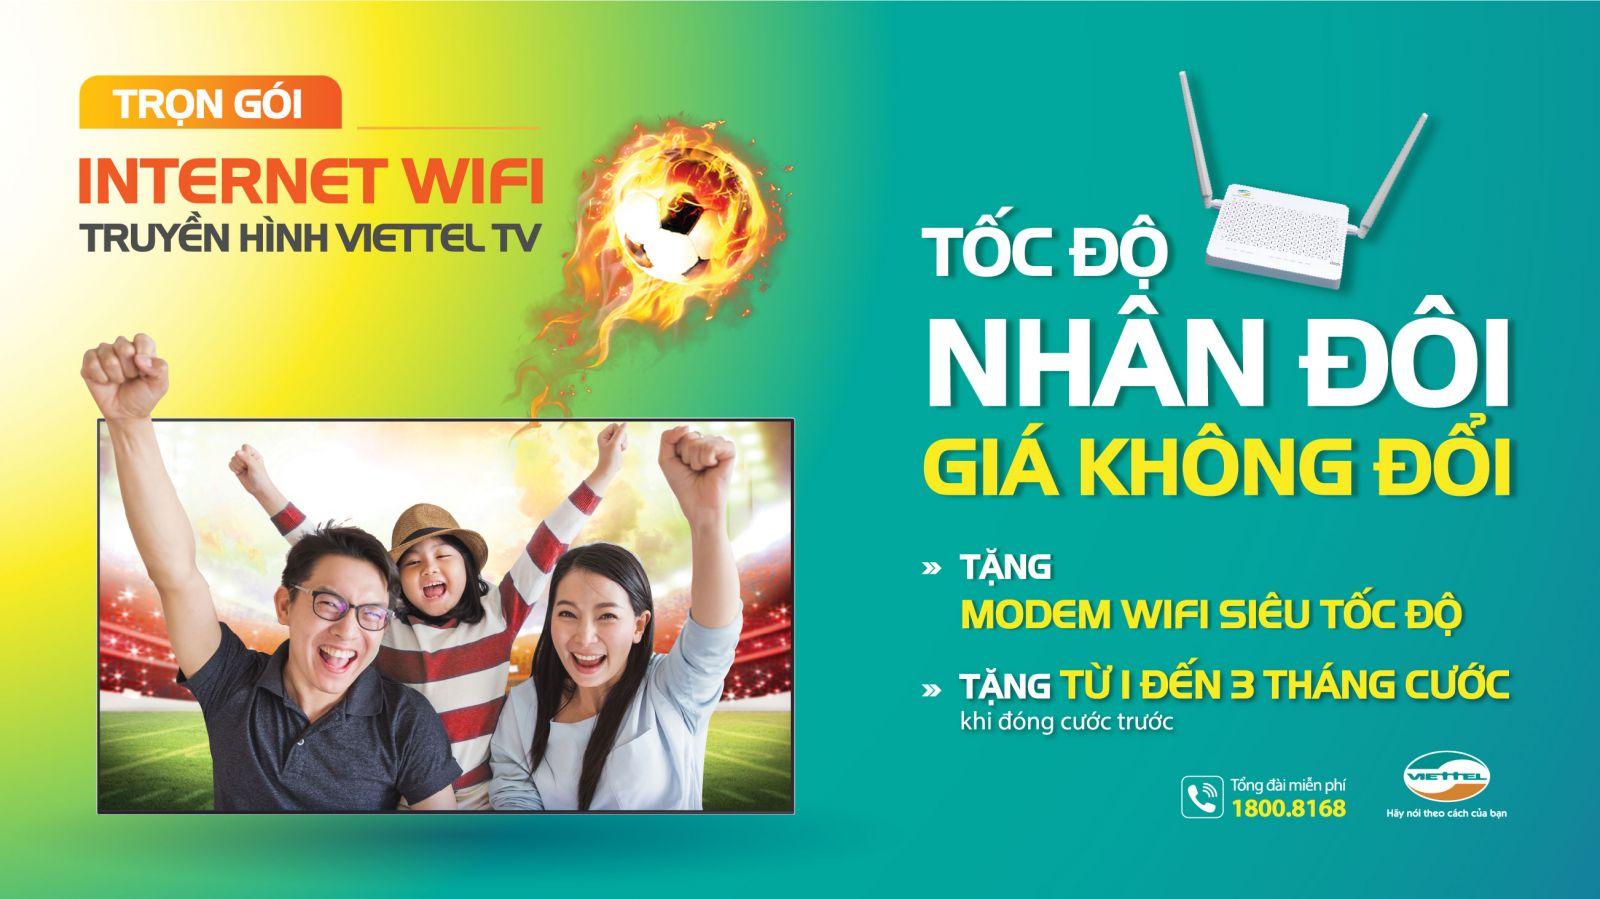 viettel-cap-quang-nhan-doi-toc-do-wifi-gia-khong-doi